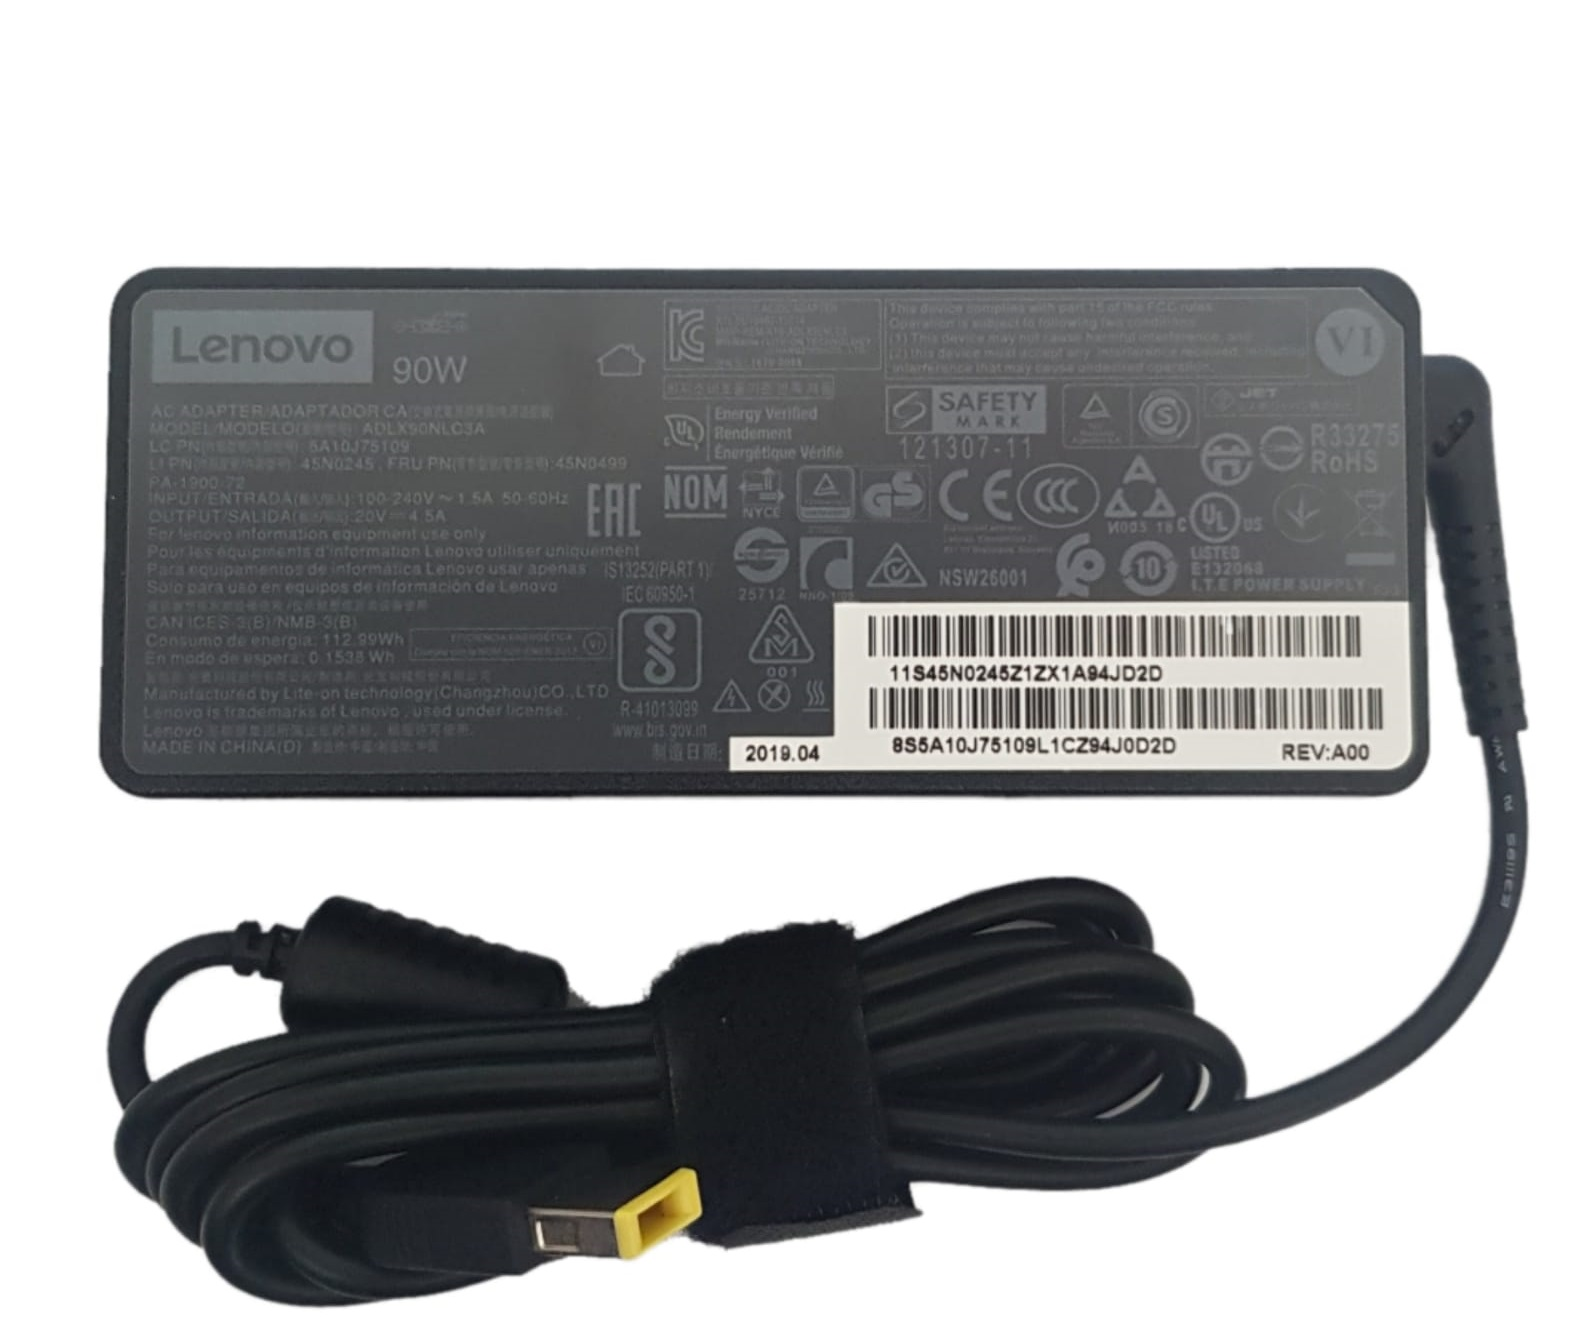 מטען למחשב נייד לנובו Lenovo IdeaPad Y650